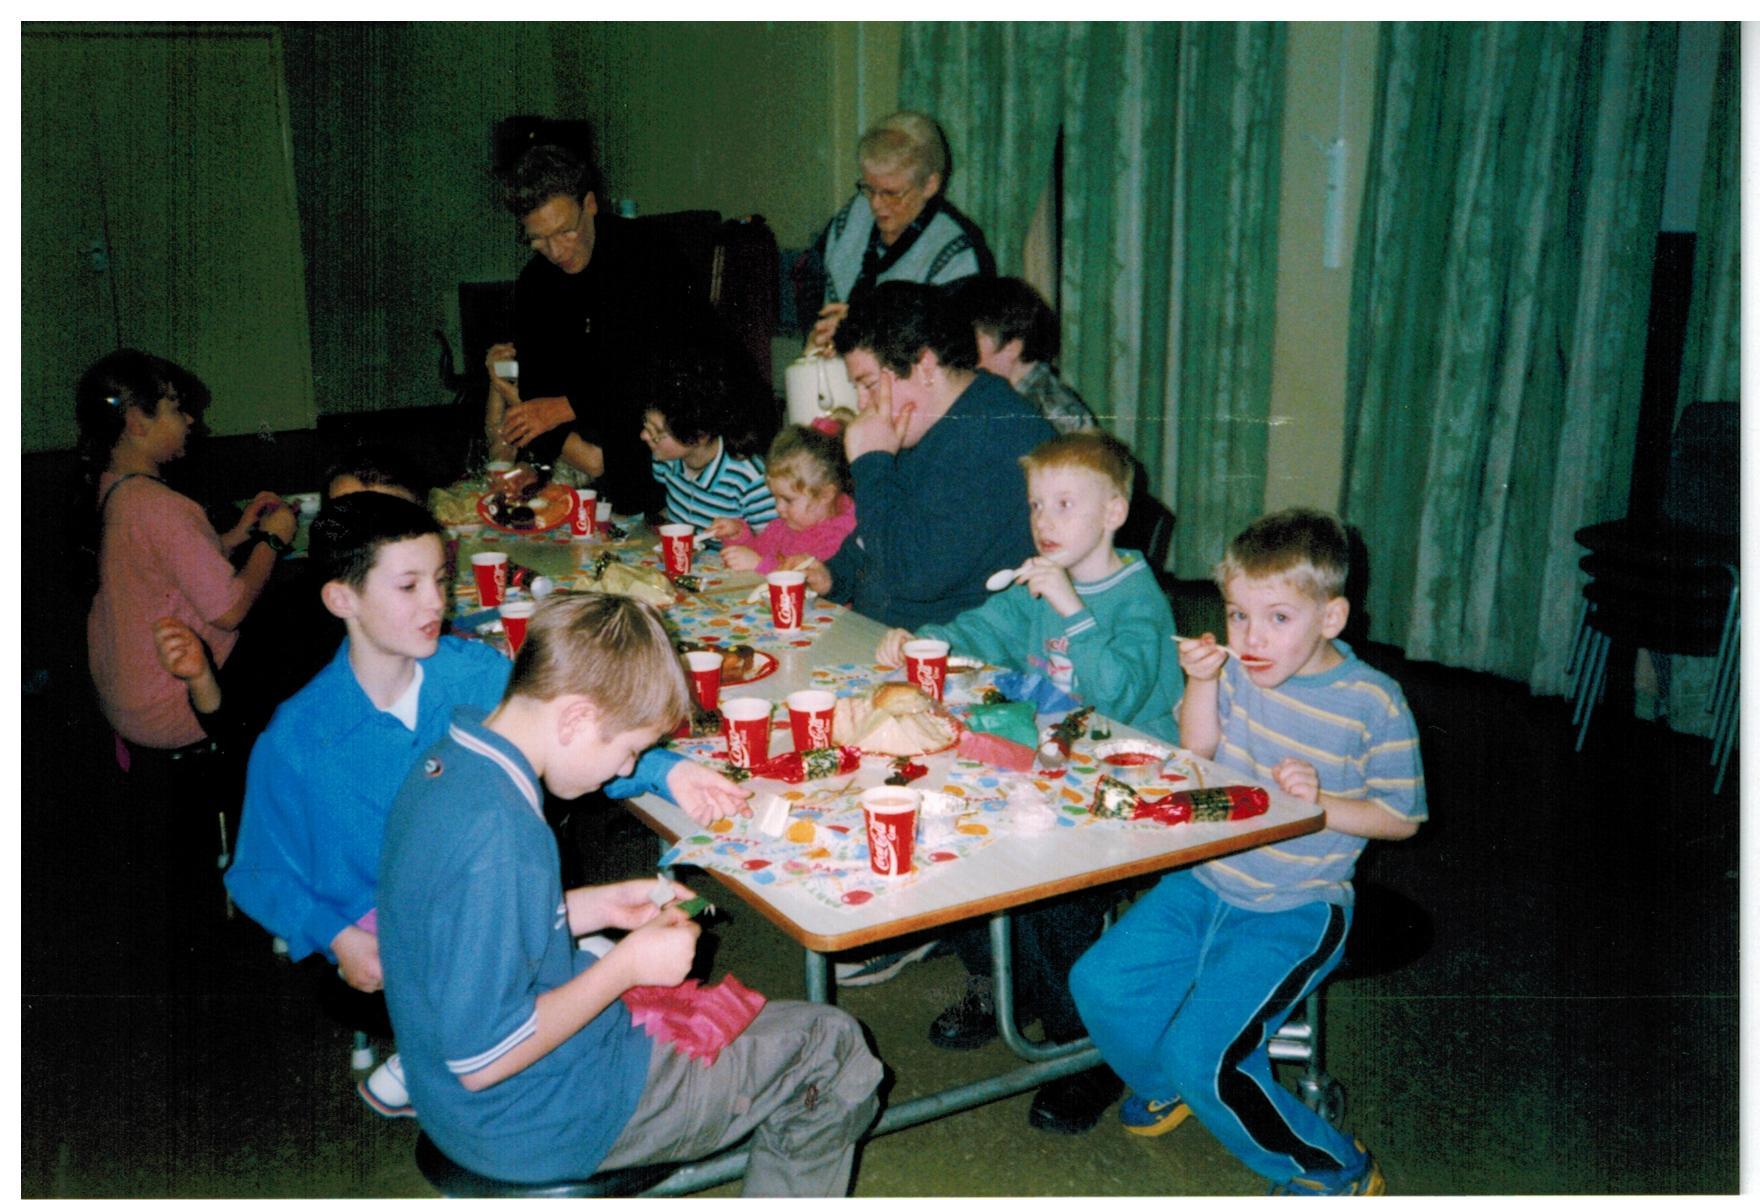 H095_Party_Jan-2000